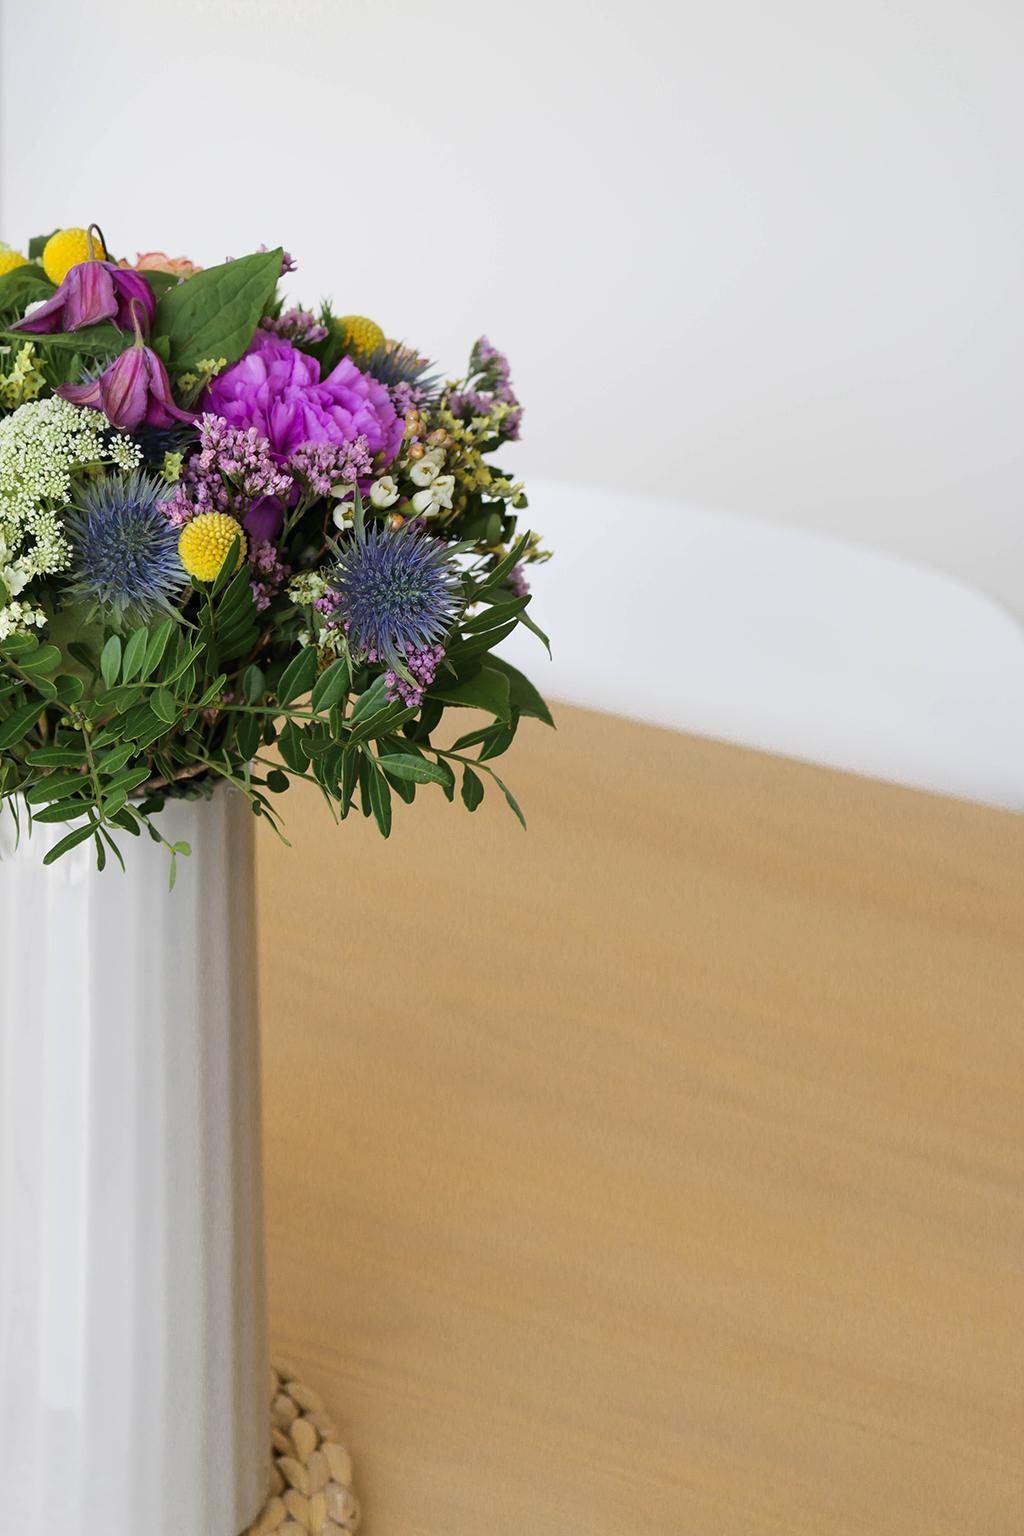 bouquet de fleurs sur une table